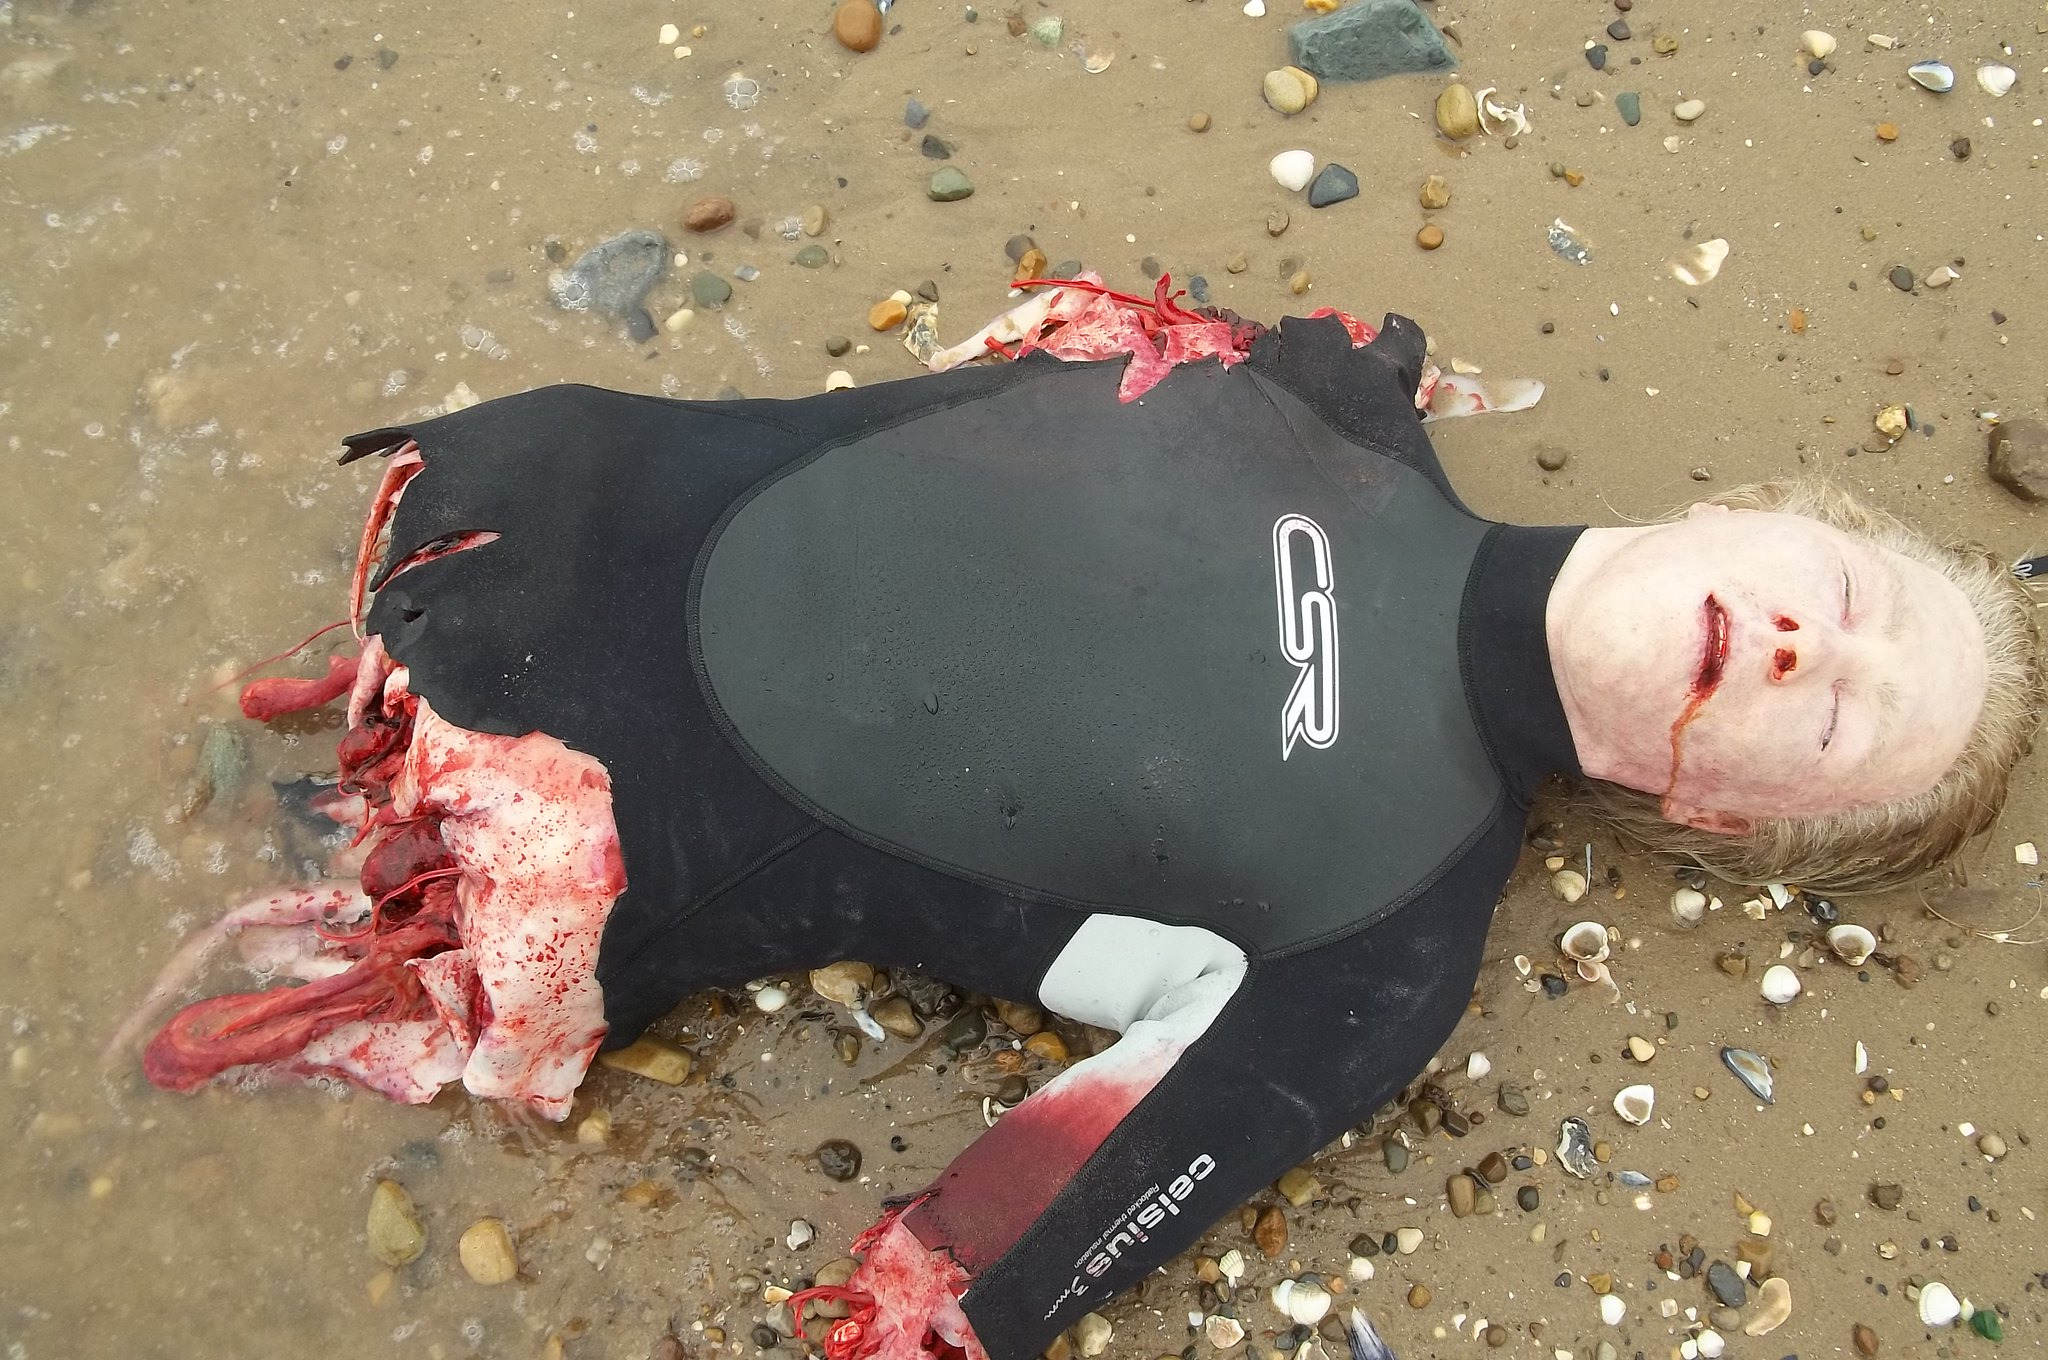 パンティラインが浮き出ている女性の画像 Part01 [無断転載禁止]©bbspink.comYouTube動画>7本 ->画像>921枚